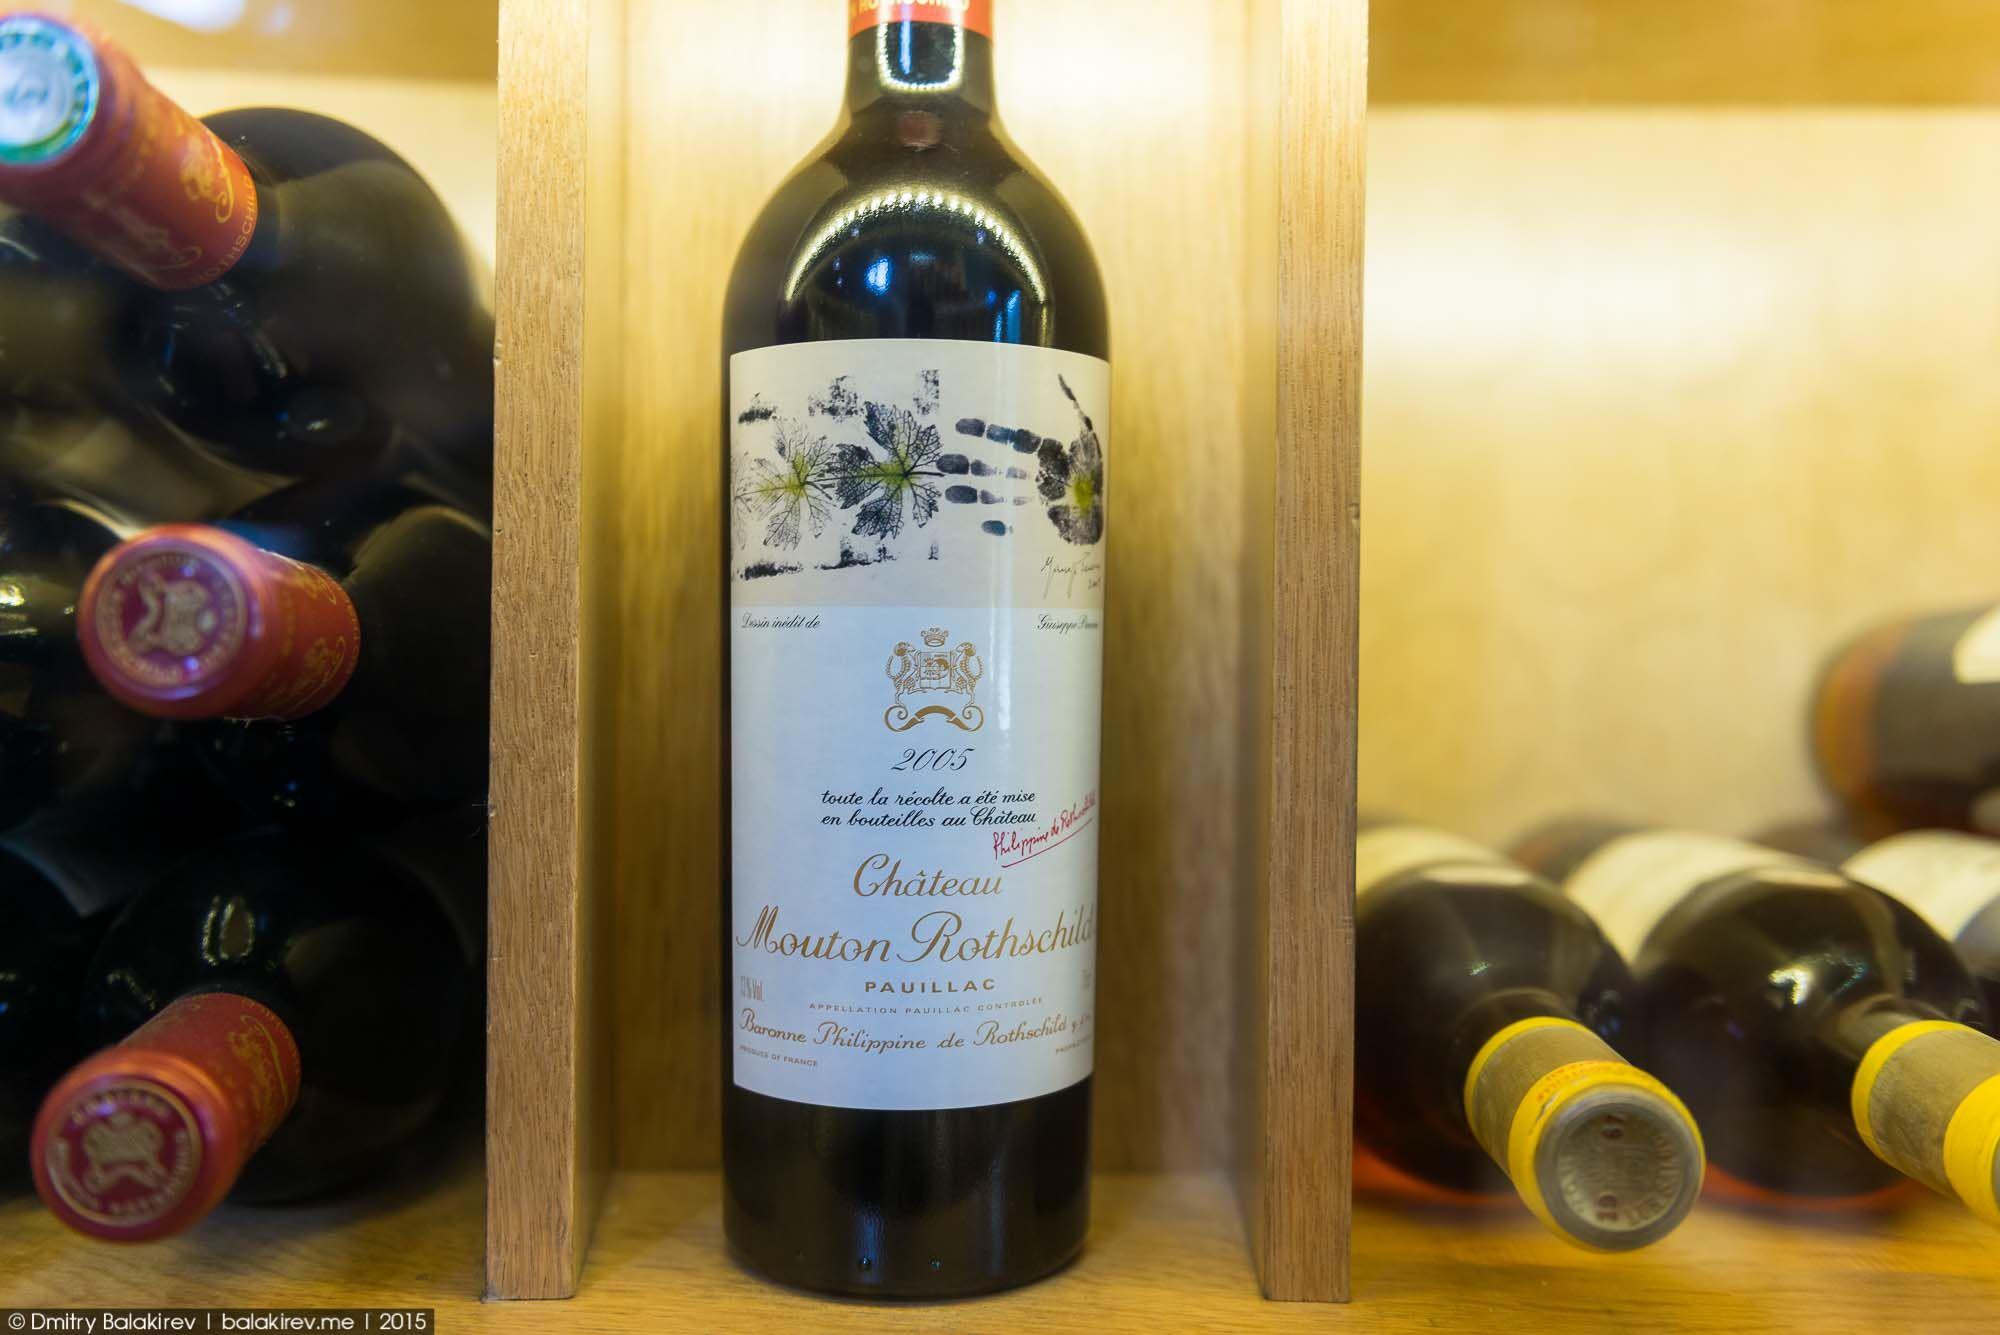 Кстати, объём некоторых бутылок здесь может достигать 16 литров! Они находятся на самом верху.